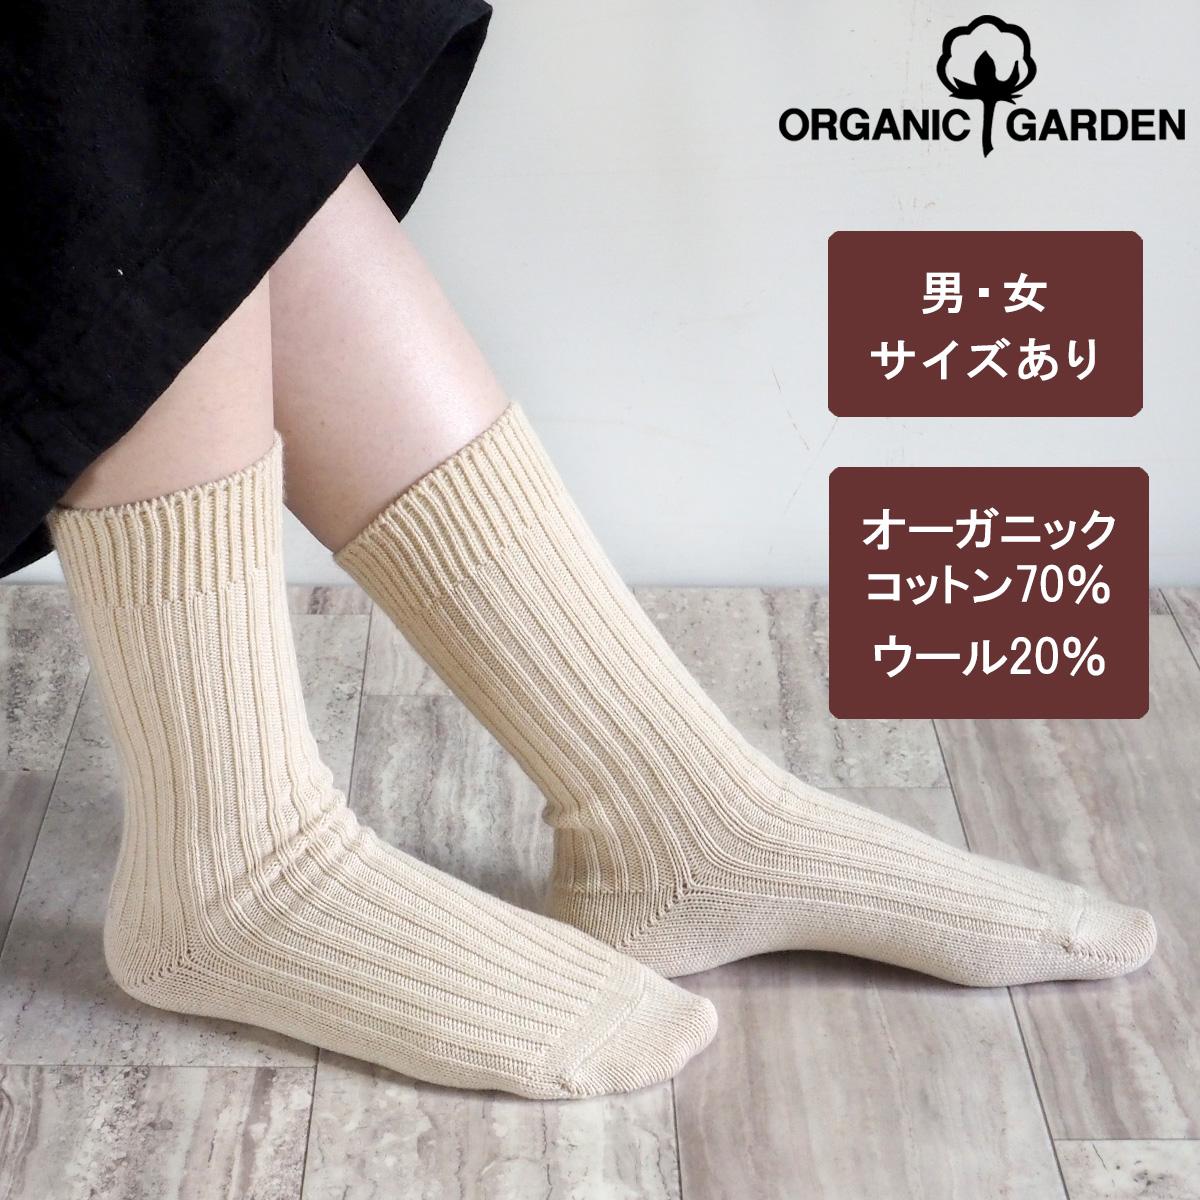 ORGANIC GARDEN(オーガニックガーデン) ホワイトヤク ウール リブ編みソックス メンズ・レディース [NS8258]